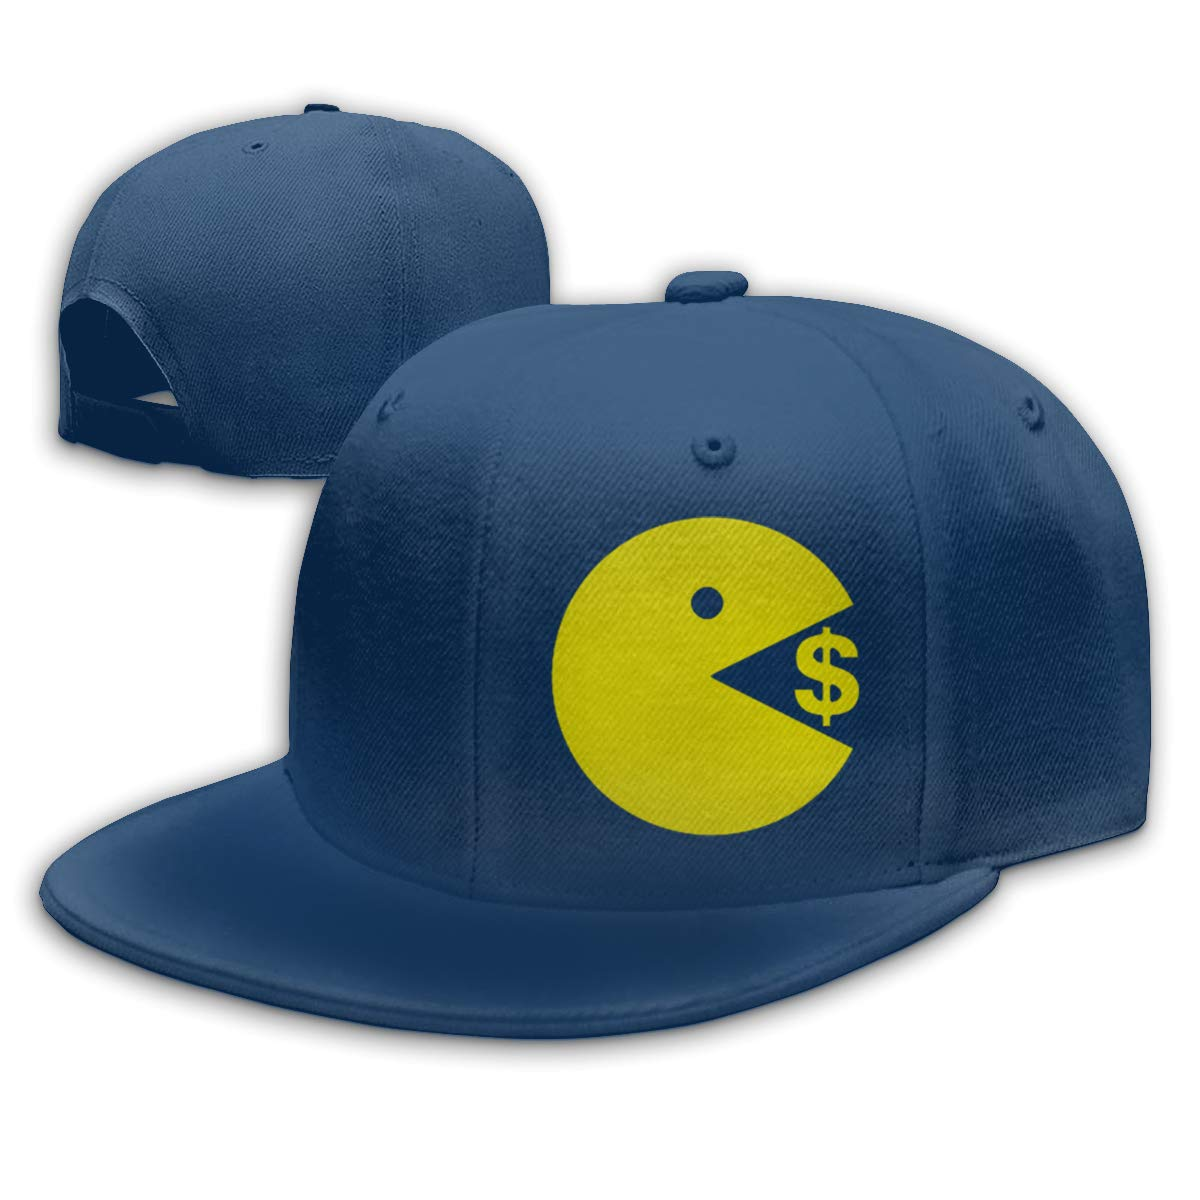 RDYLLLY Floyd Mayweather TMT Baseball Caps Adjustable Rapper Hip-Hop Hats Men Women